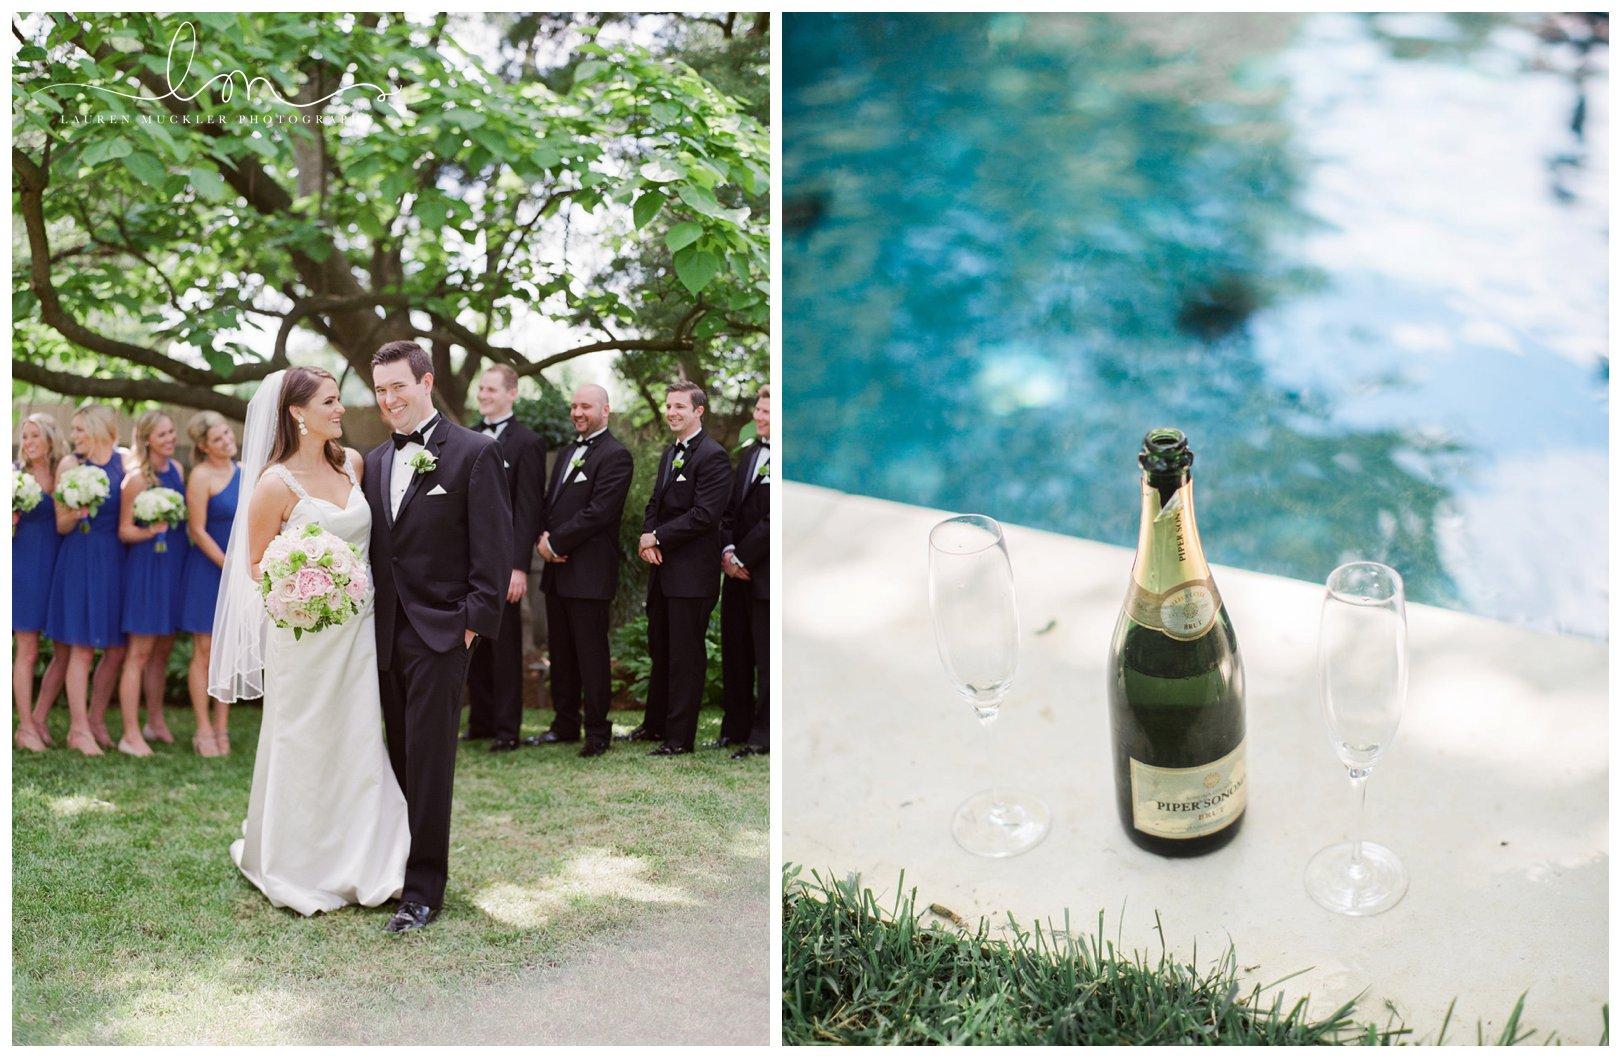 lauren muckler photography_fine art film wedding photography_st louis_photography_0225.jpg